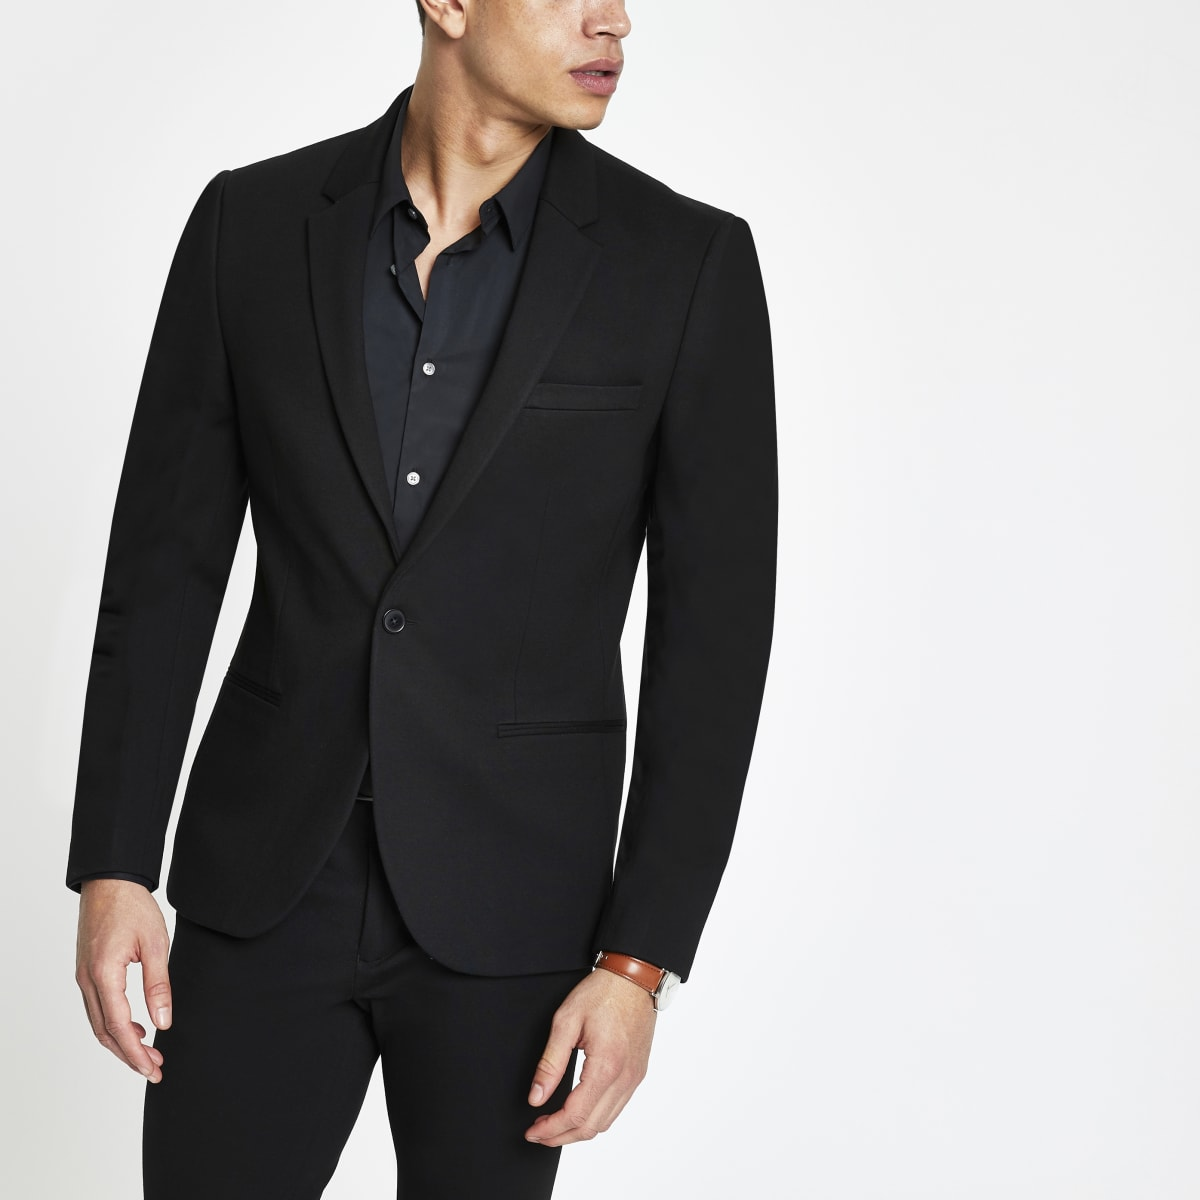 Black super skinny fit suit jacket